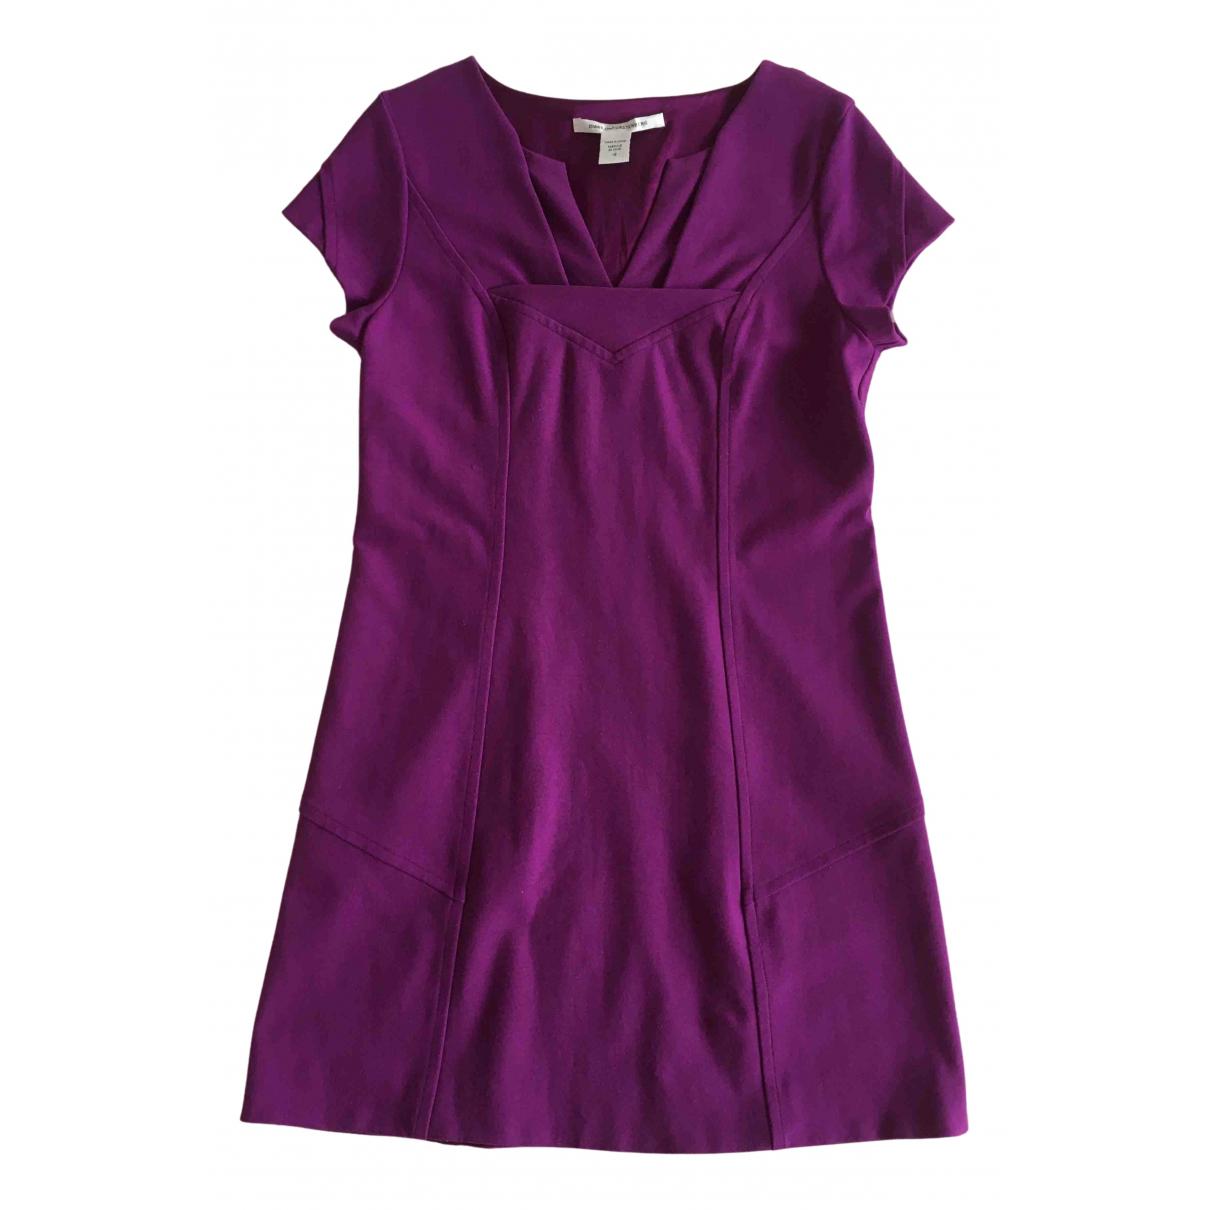 Diane Von Furstenberg \N Kleid in  Lila Viskose